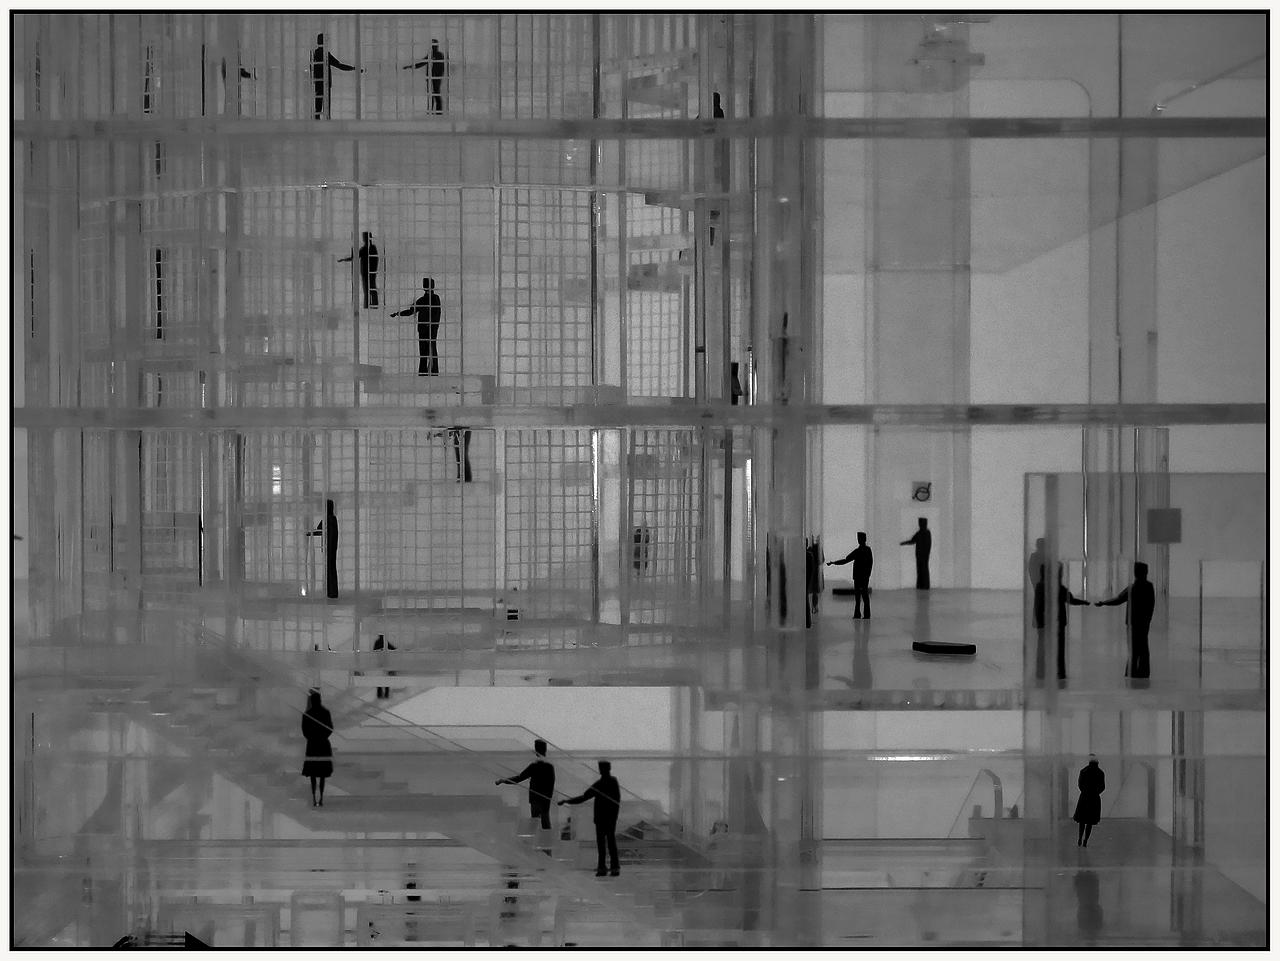 L'immeuble de verre